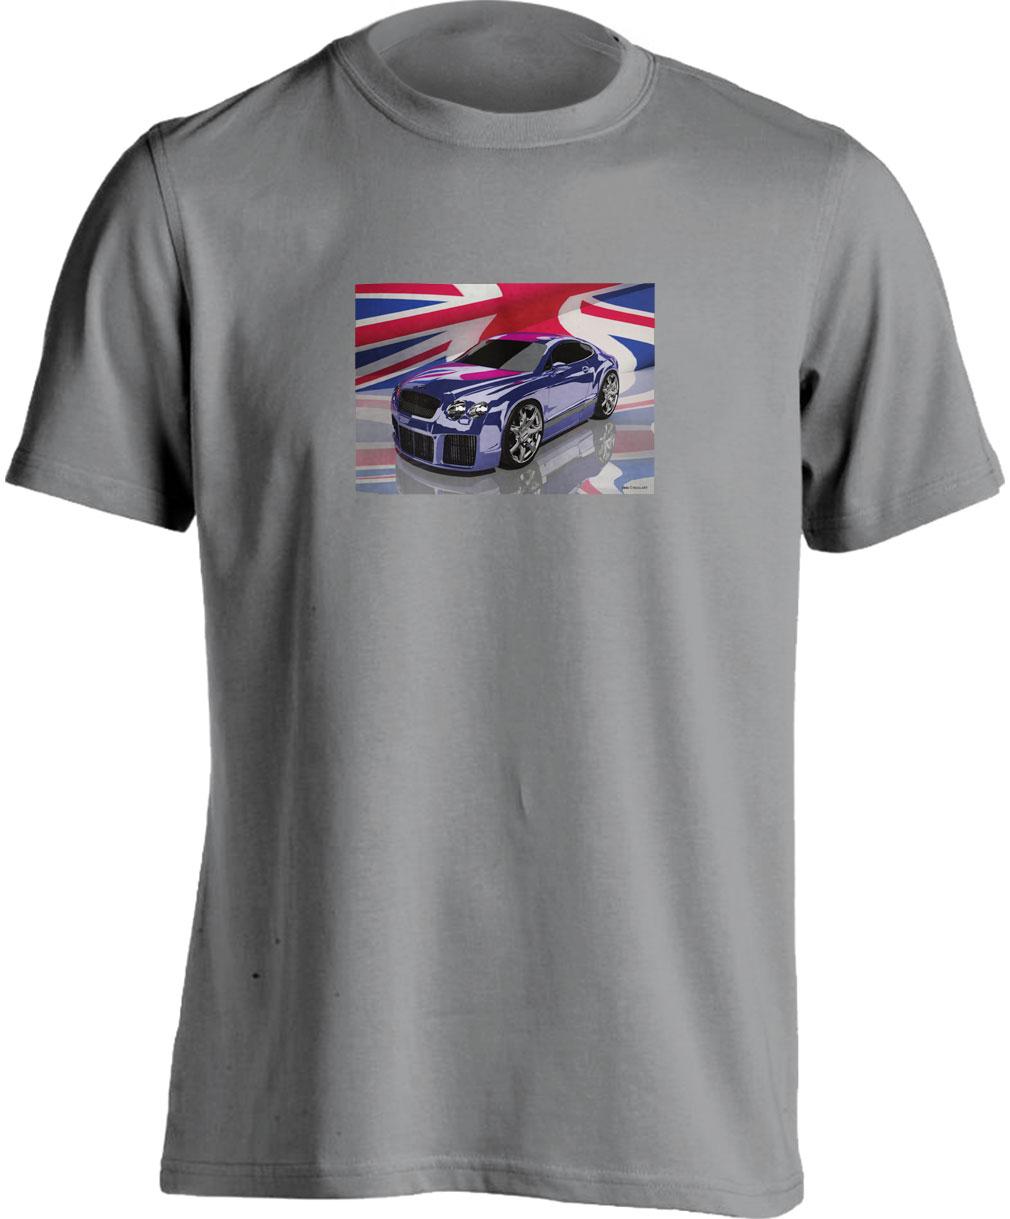 Koolart GT 2944 T Shirt